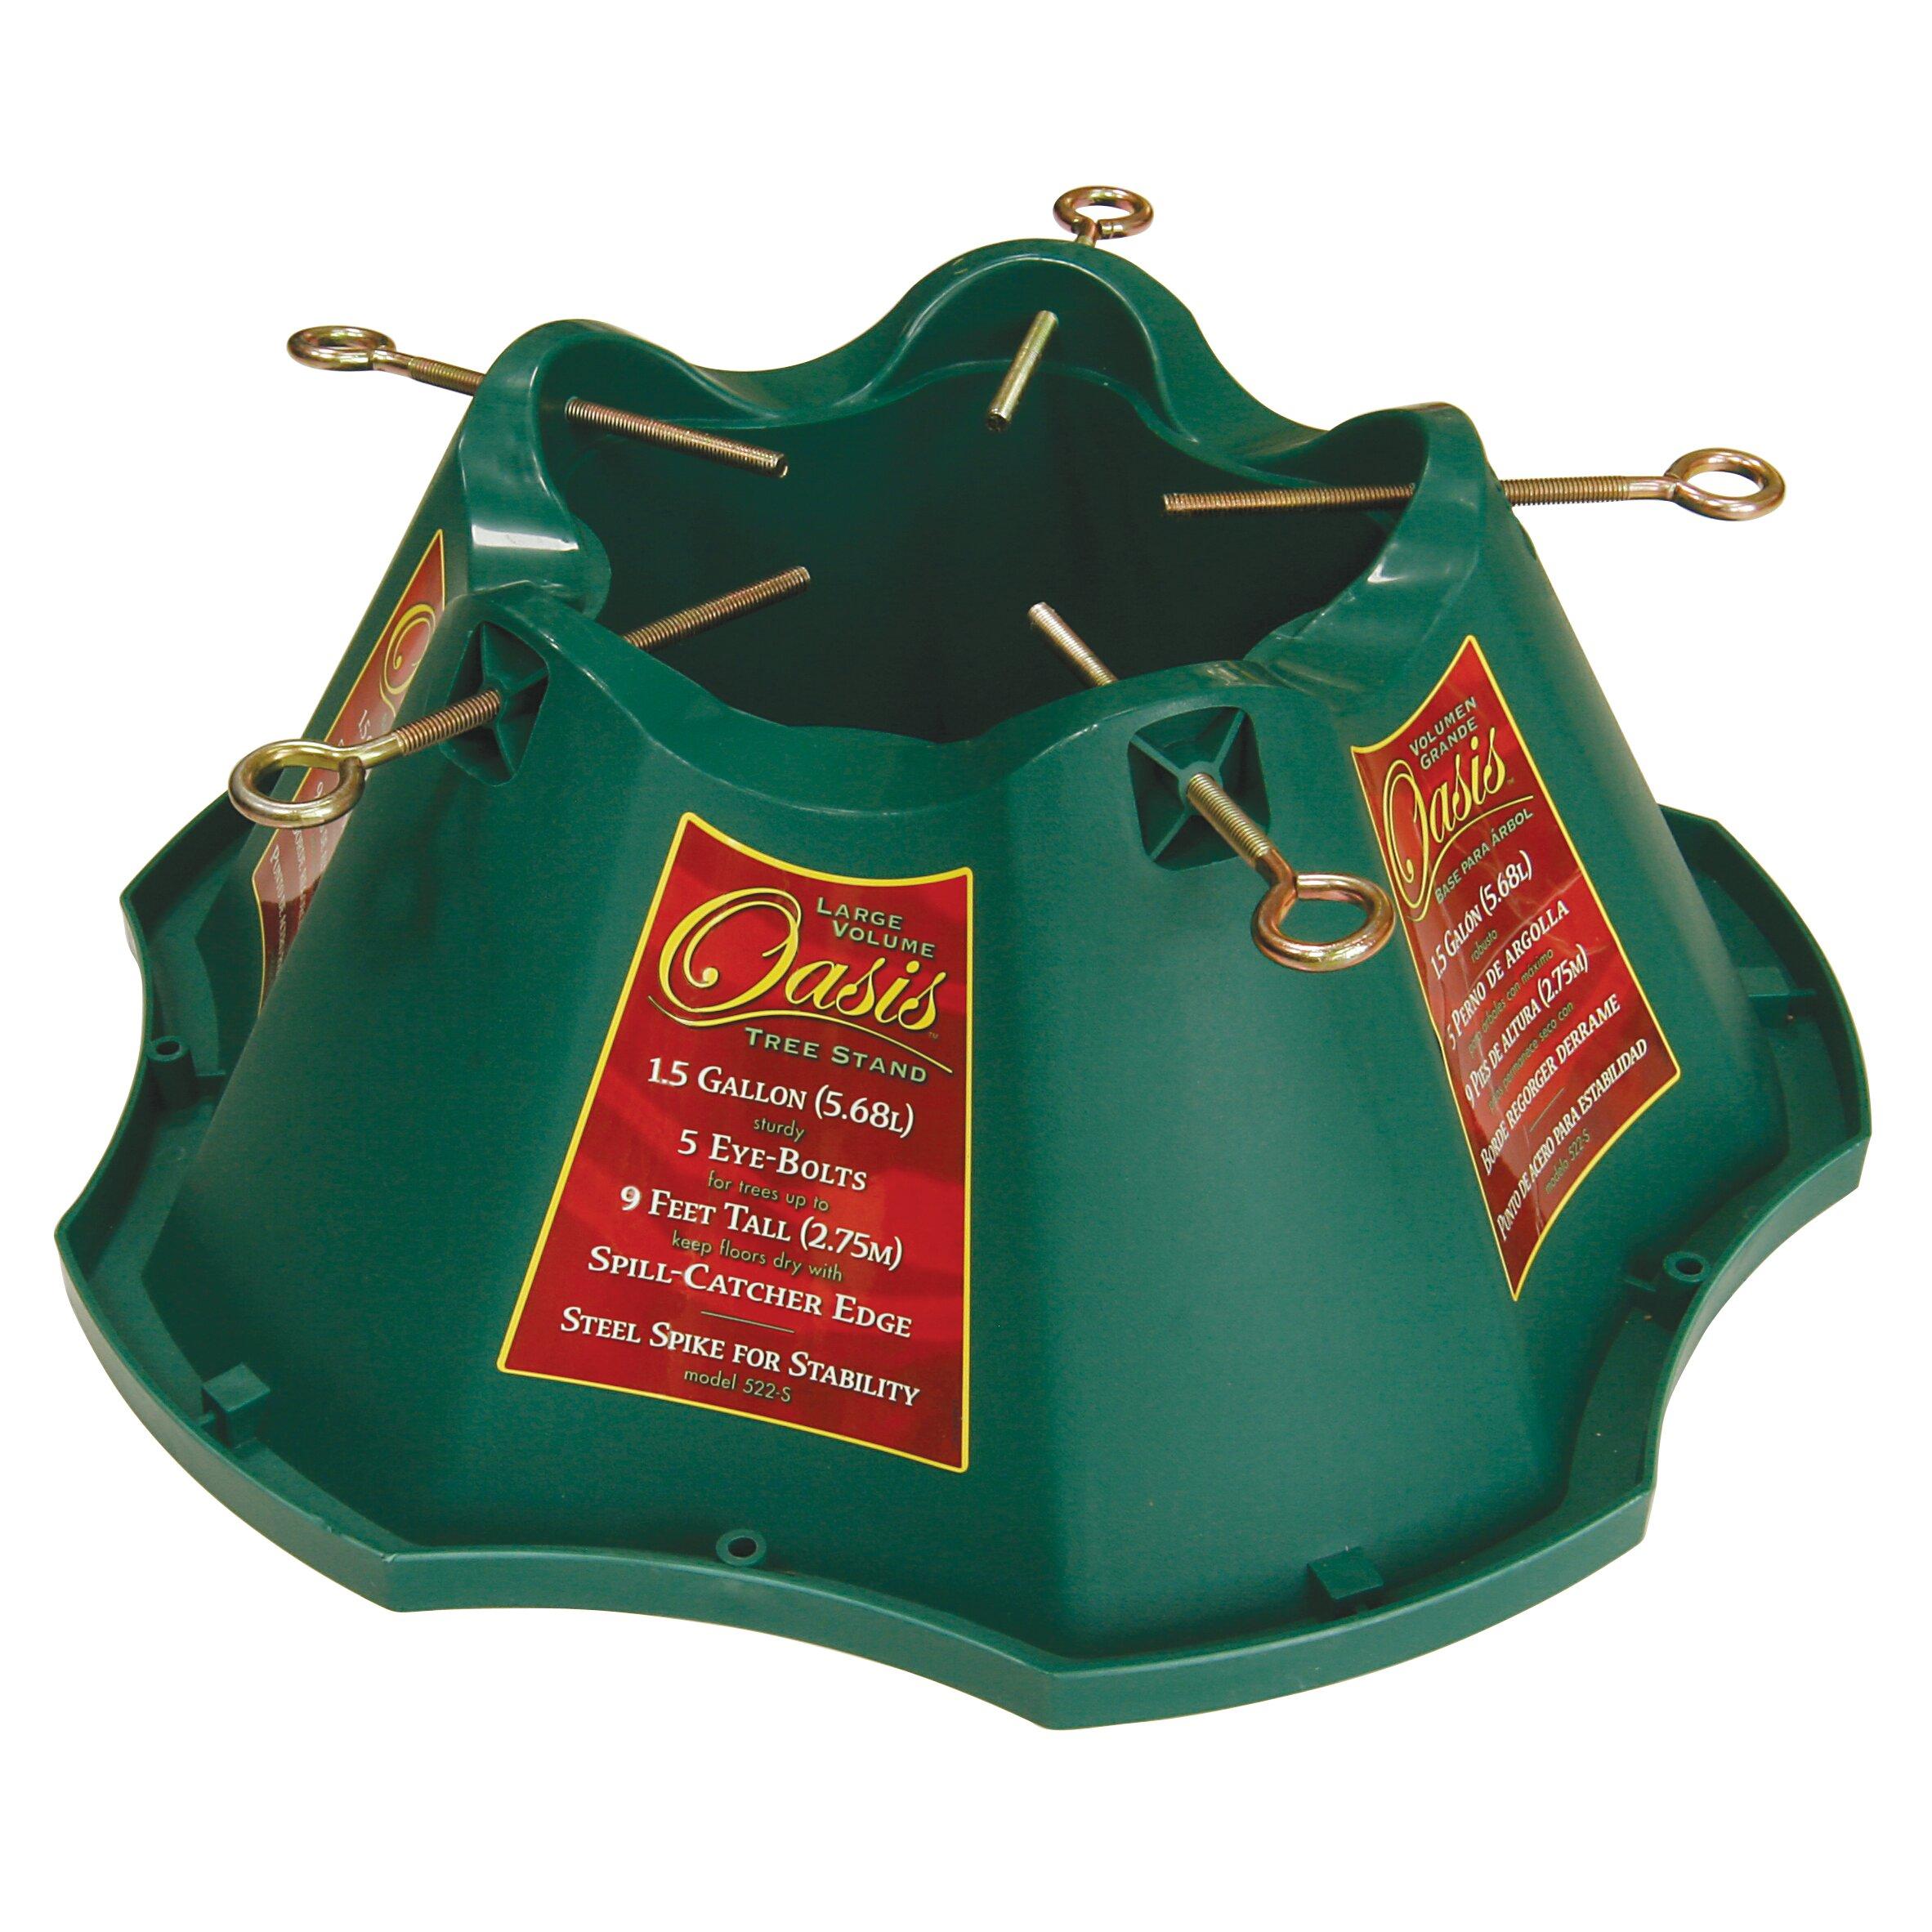 Jack post large one gallon christmas tree stand wayfair